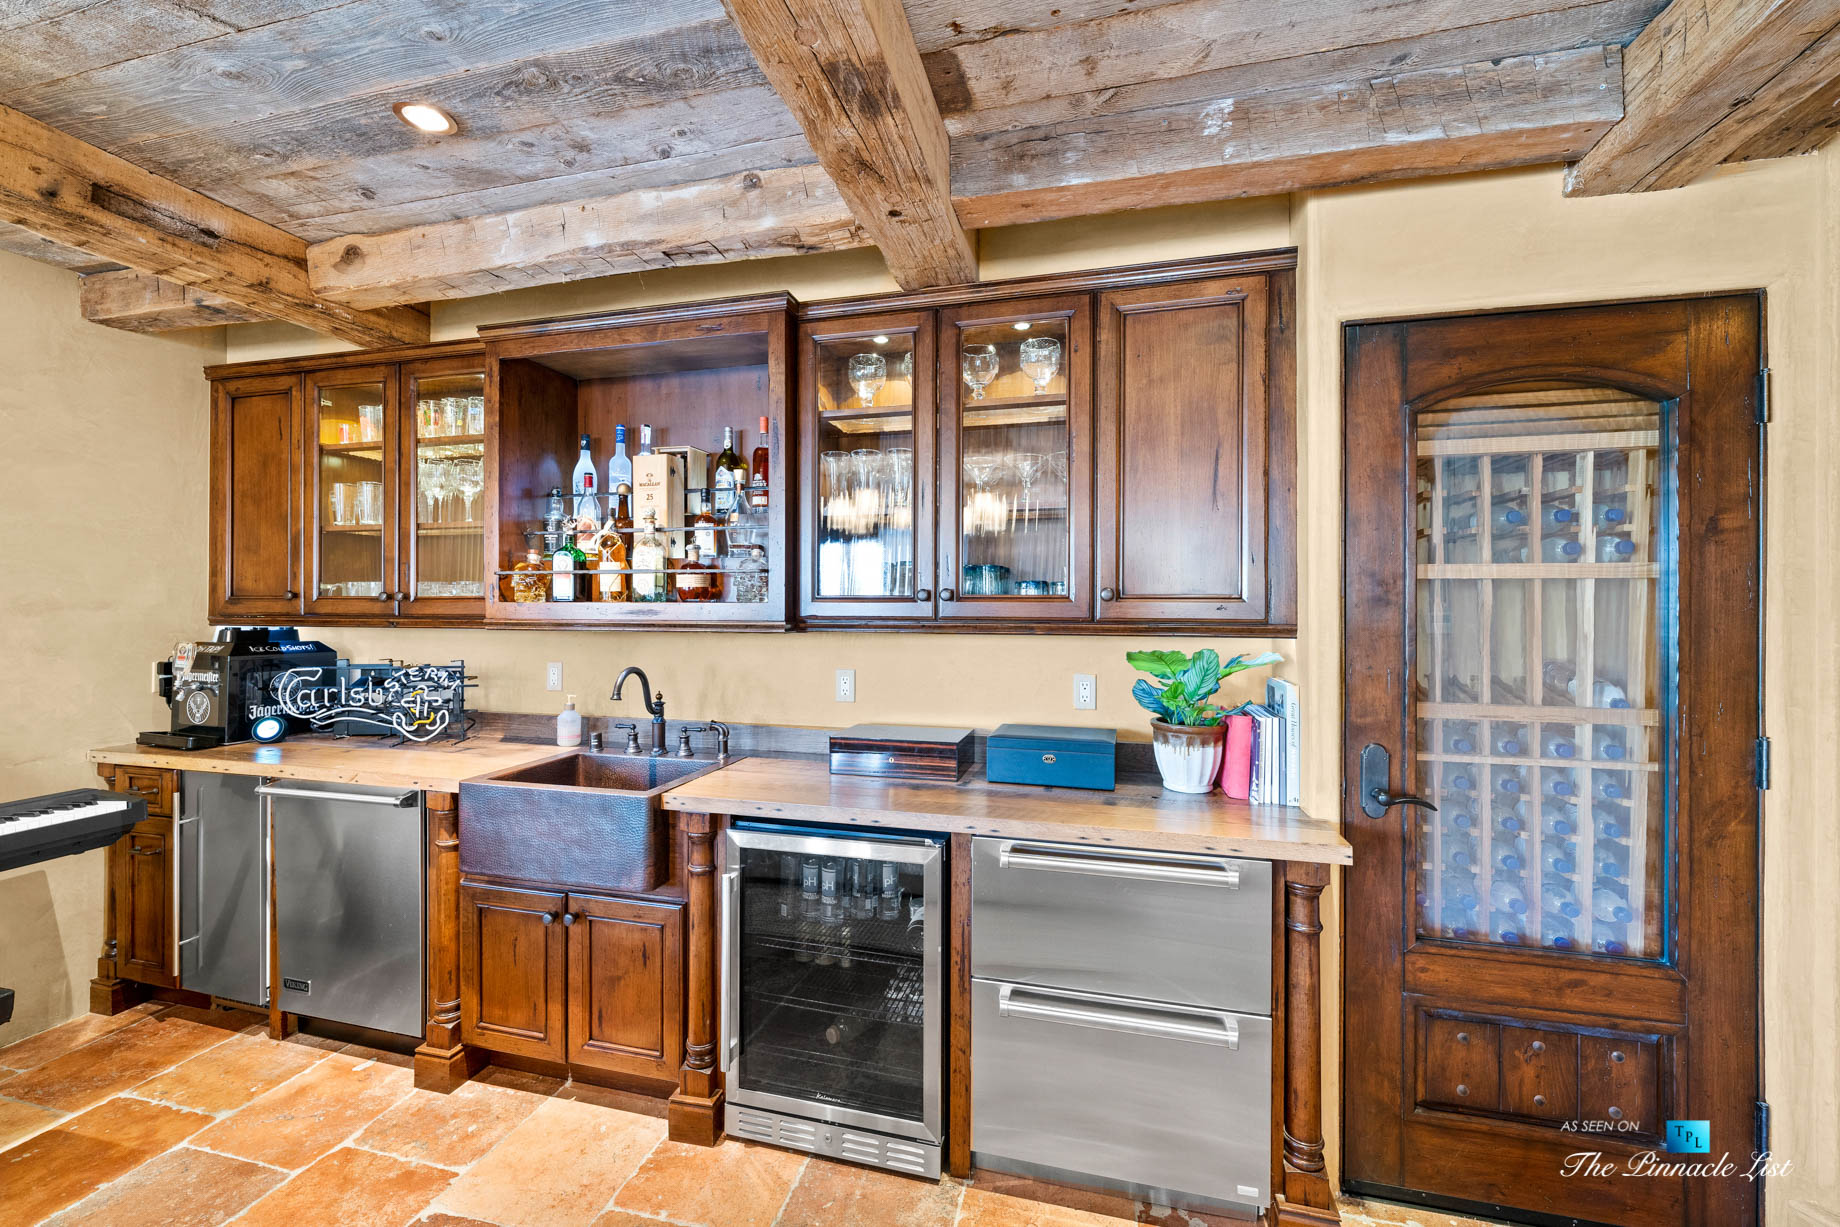 216 7th St, Manhattan Beach, CA, USA – Luxury Real Estate – Coastal Villa Home – Recreation Room Bar